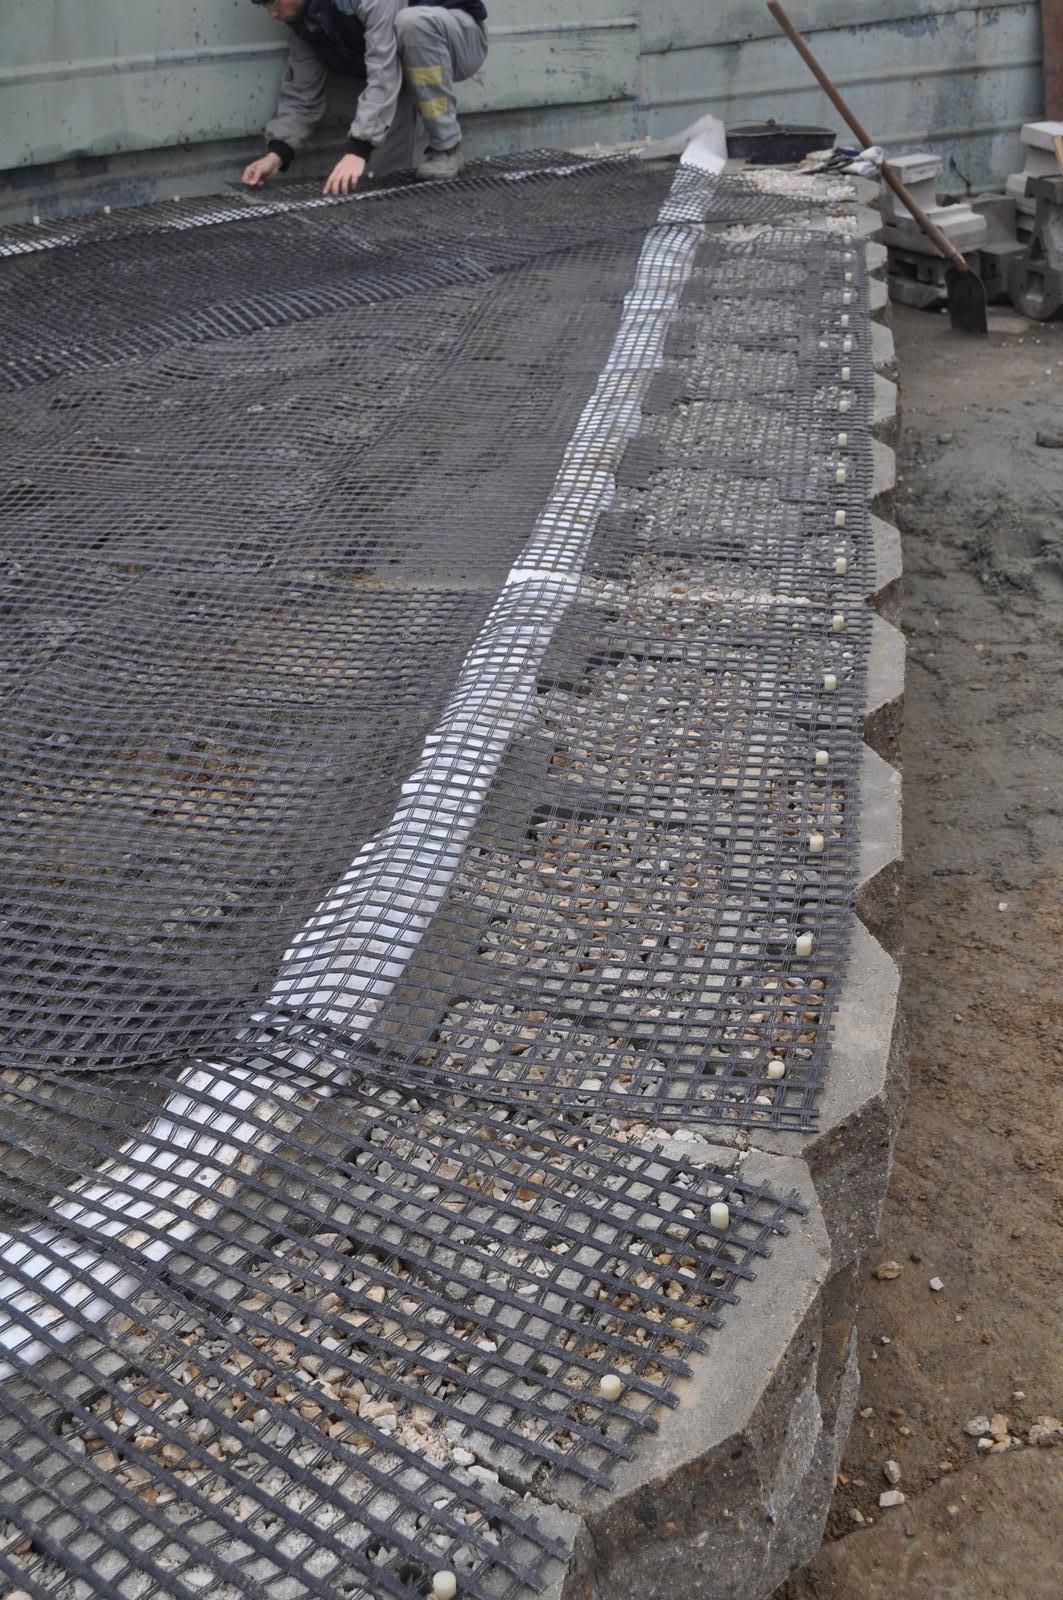 07 Vegetačný oporný múr sa na jar prebúdza ( rozšírené 19.6.2020 ) - 2013 - výstavba vystuženého múru z betónových tvárnic s čelom štiepaným v troch rovinách.